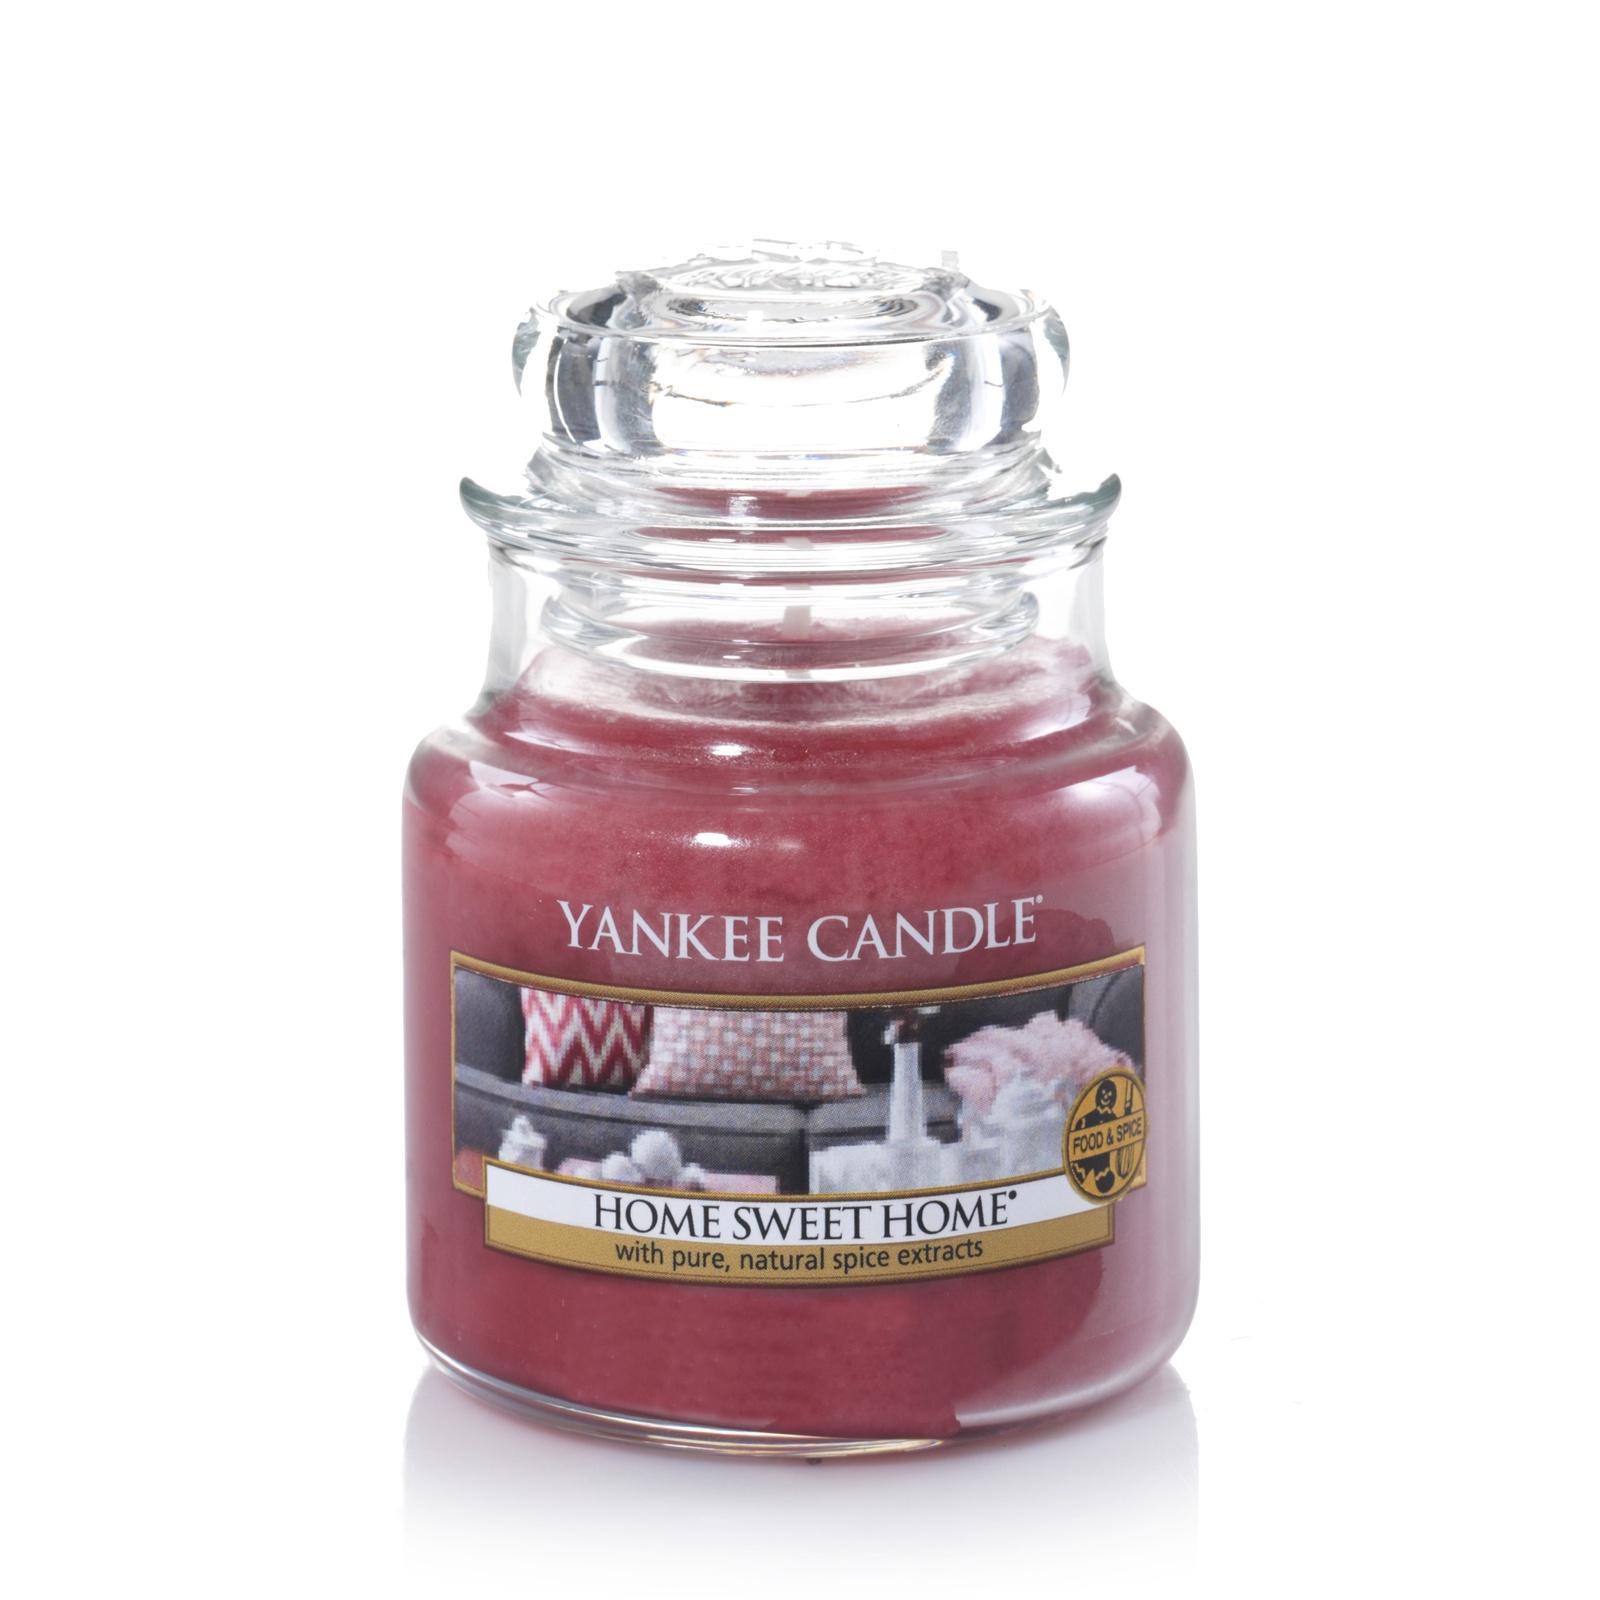 Свеча ароматическая Yankee Candle Дом милый дом/ Home sweet home 25-40 ч свеча столбик уютный мускус actuel ароматическая